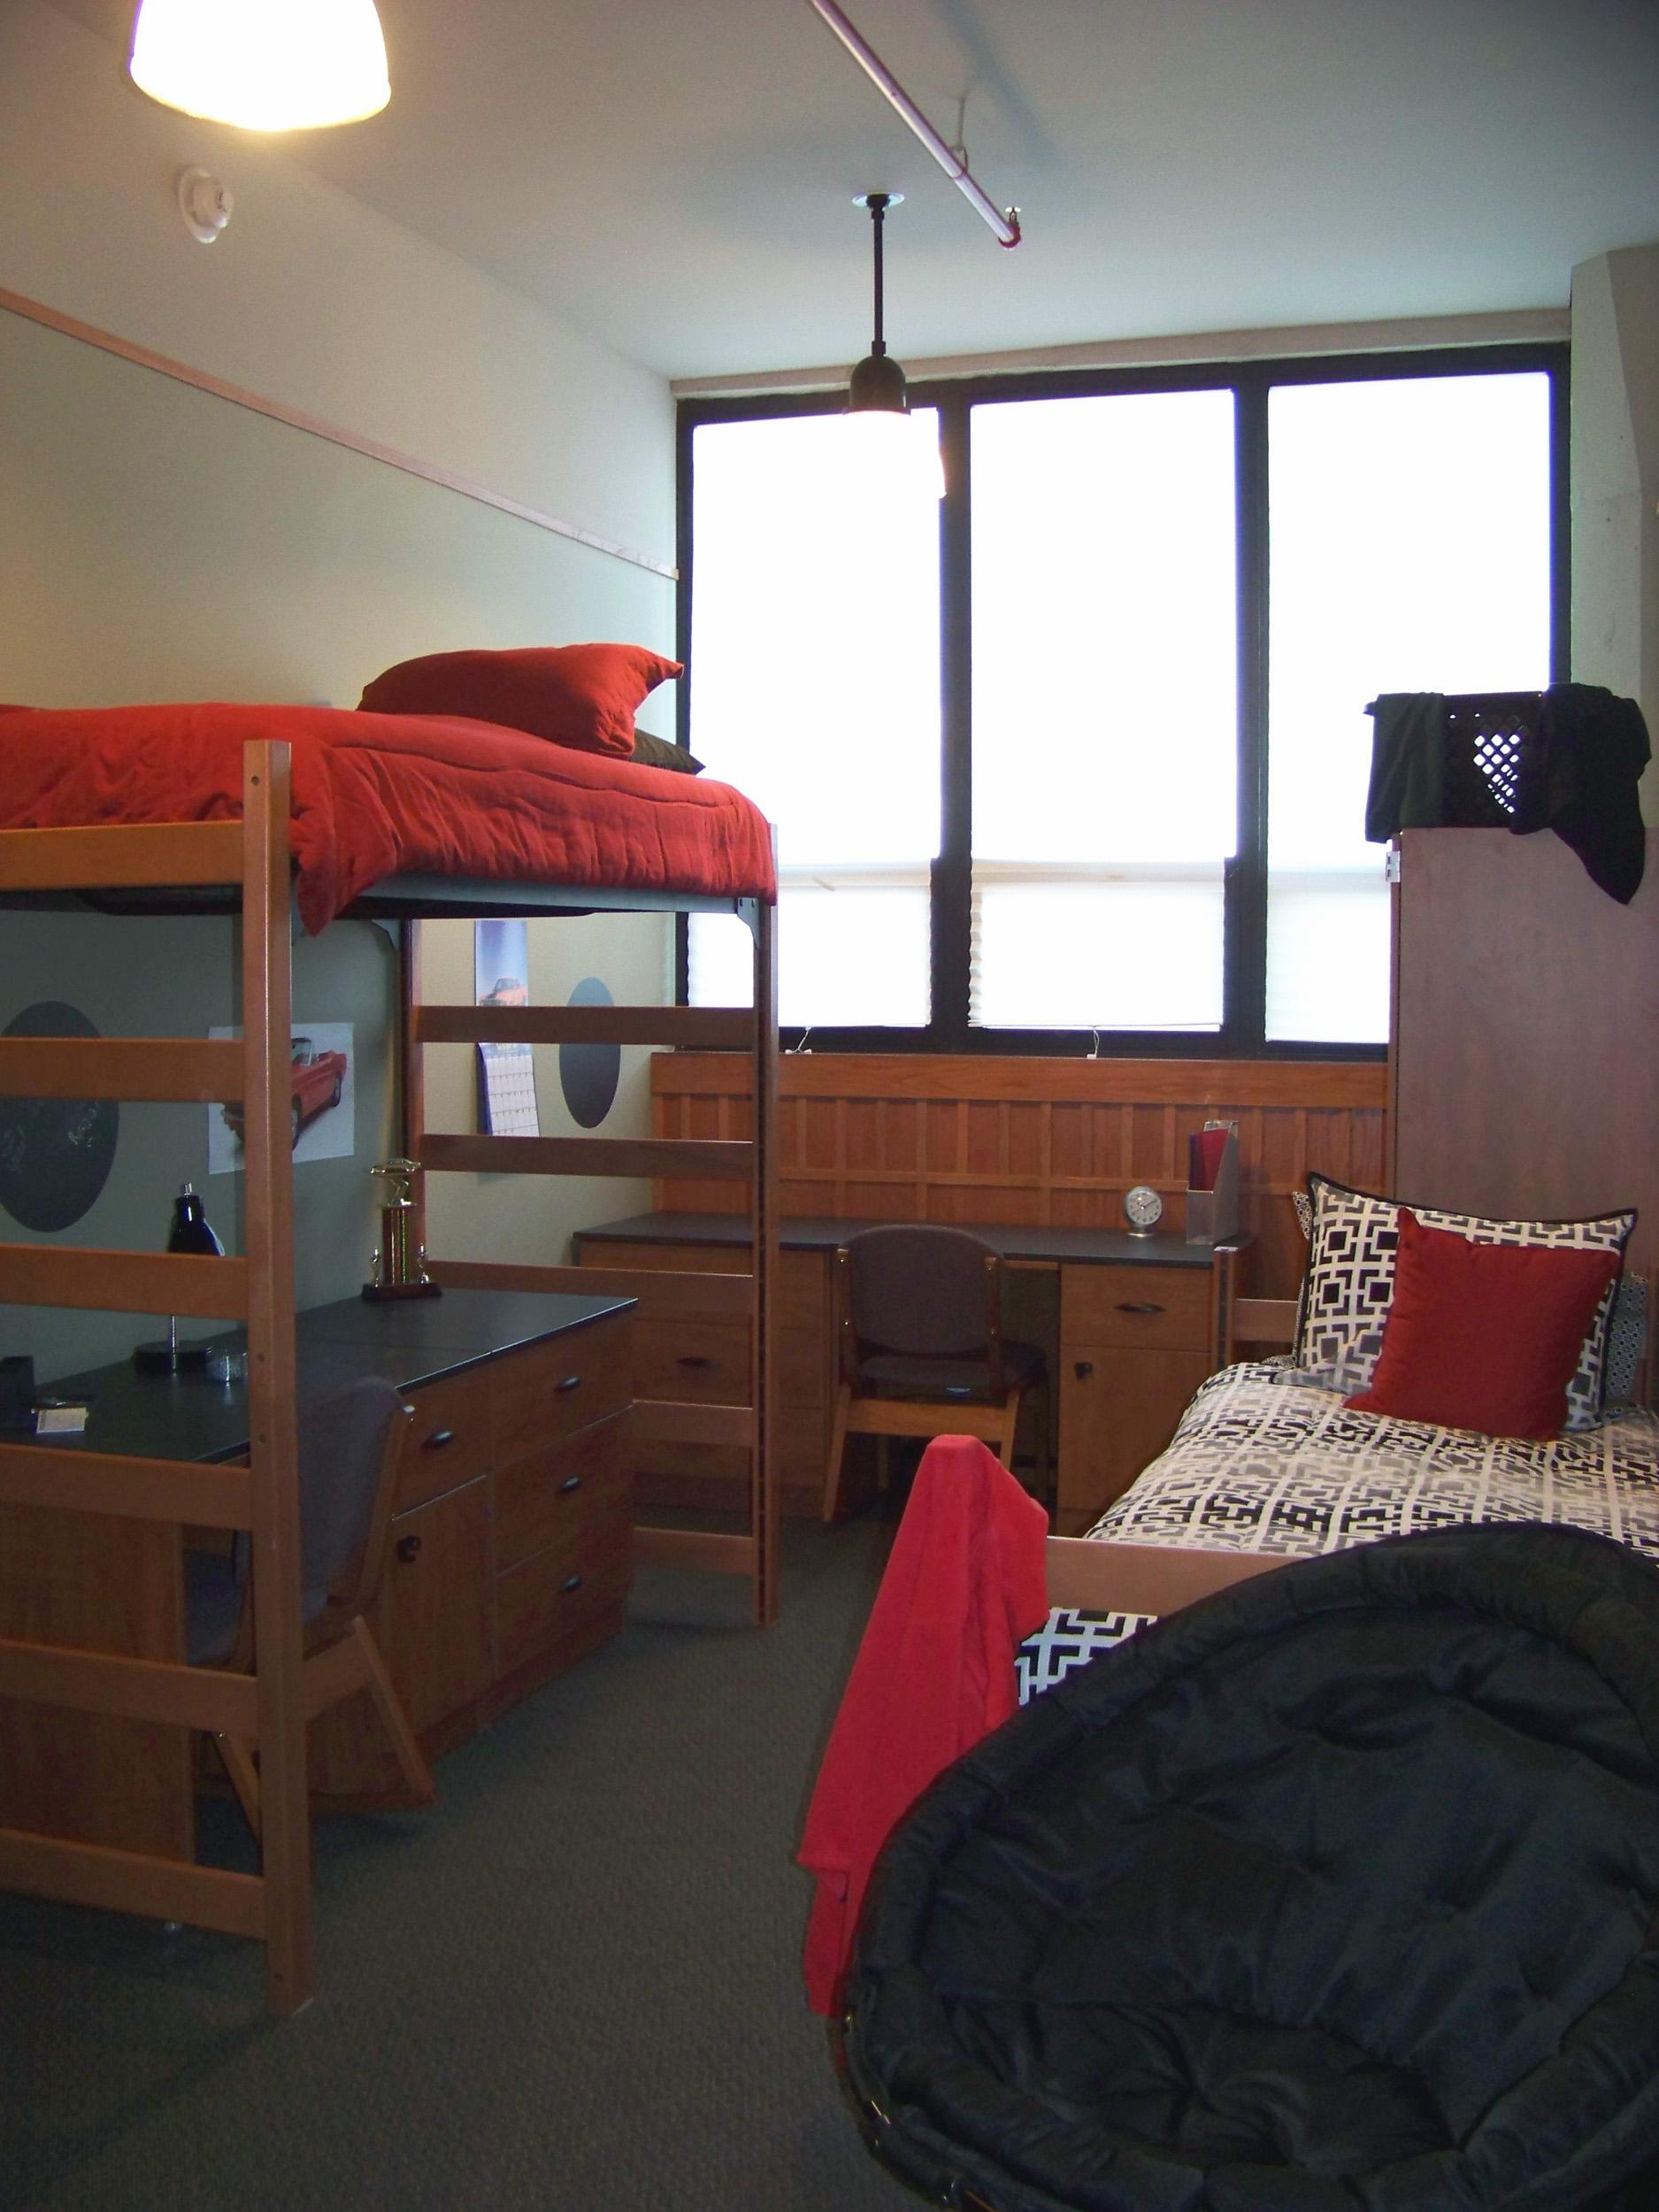 Student Dormitory - Dorm Unit